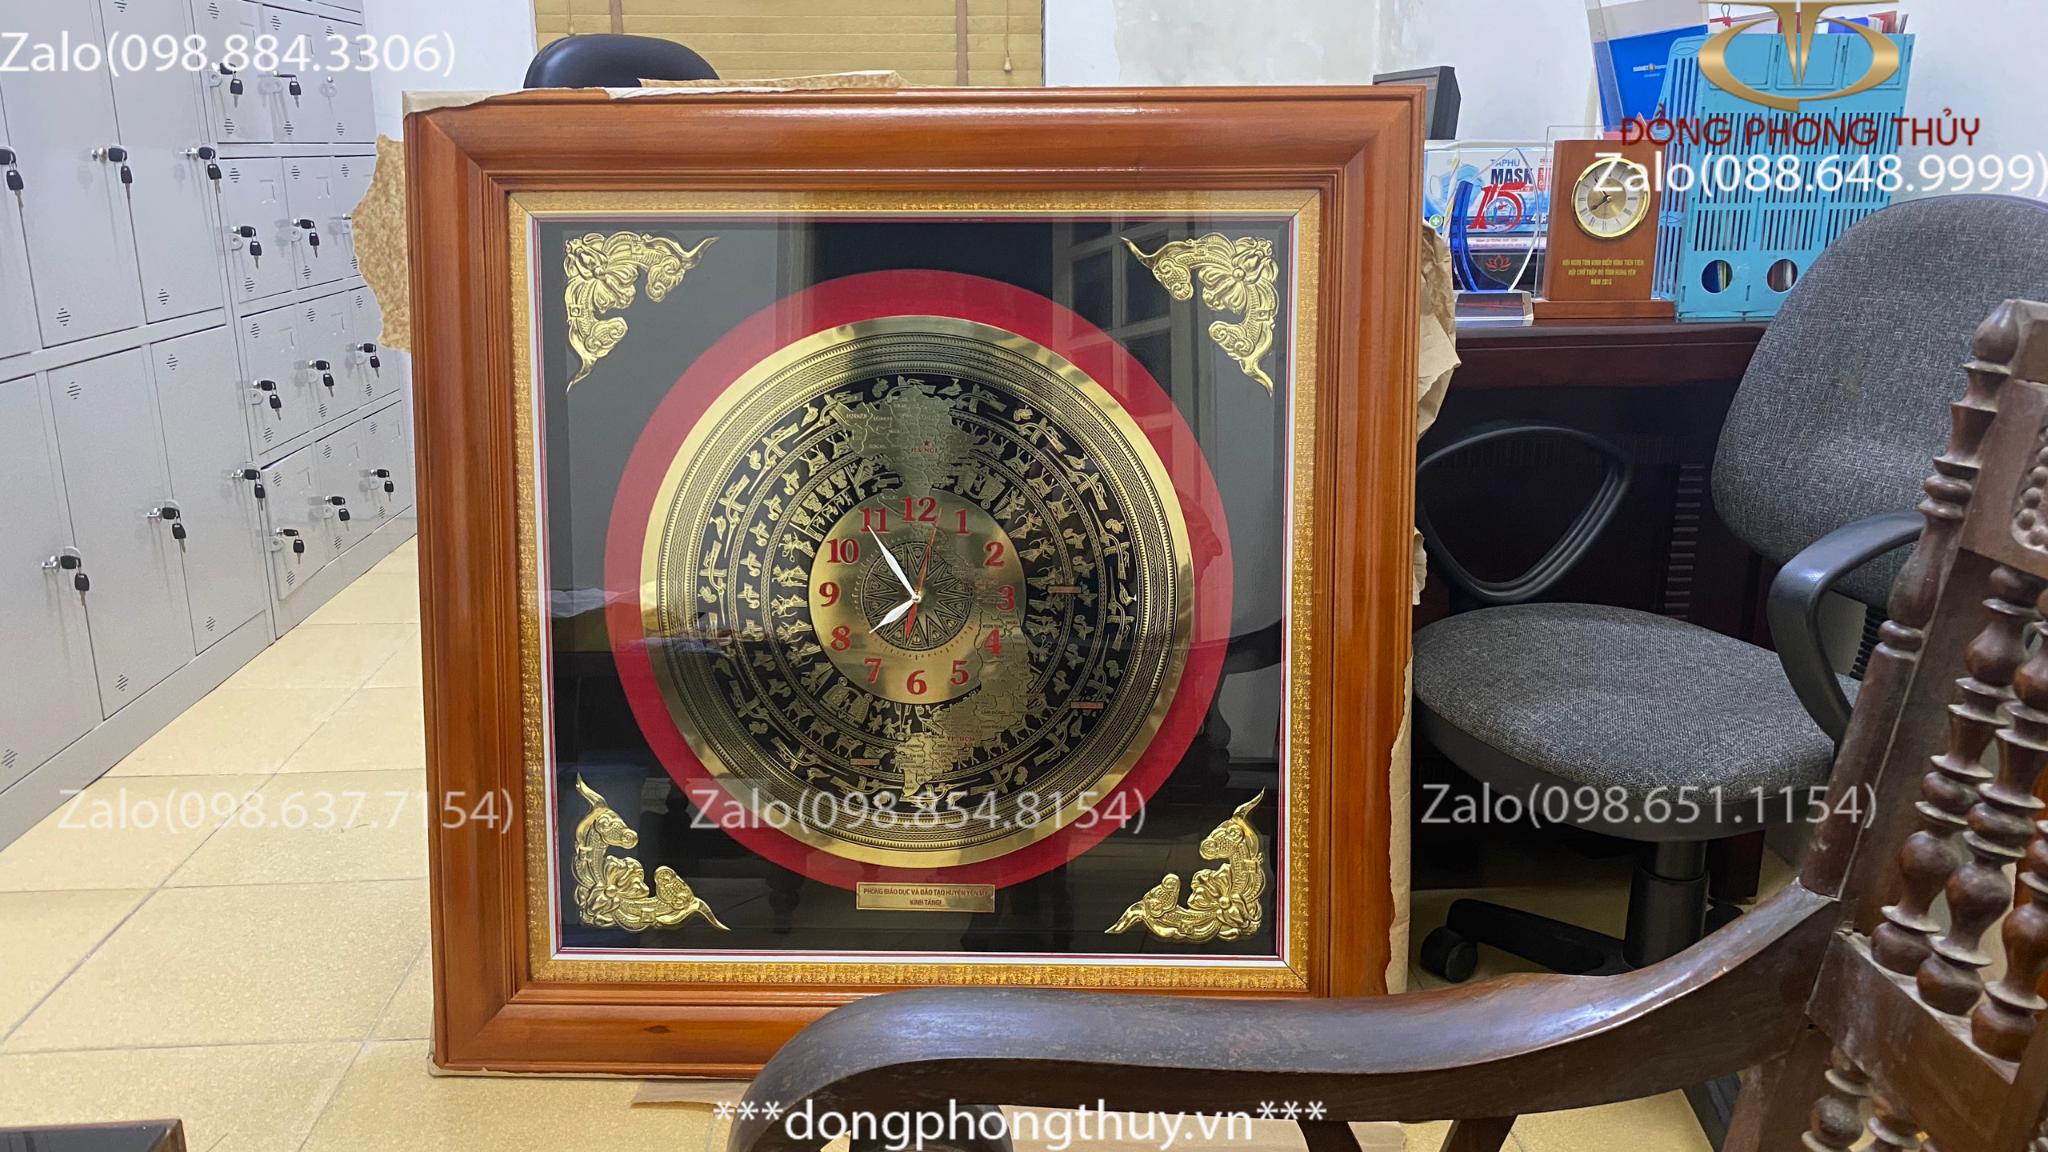 Đồng hồ mặt trống đồng bản đồ Việt Nam khung gỗ tần bì gắn đèn led mặt kính 102*102cm